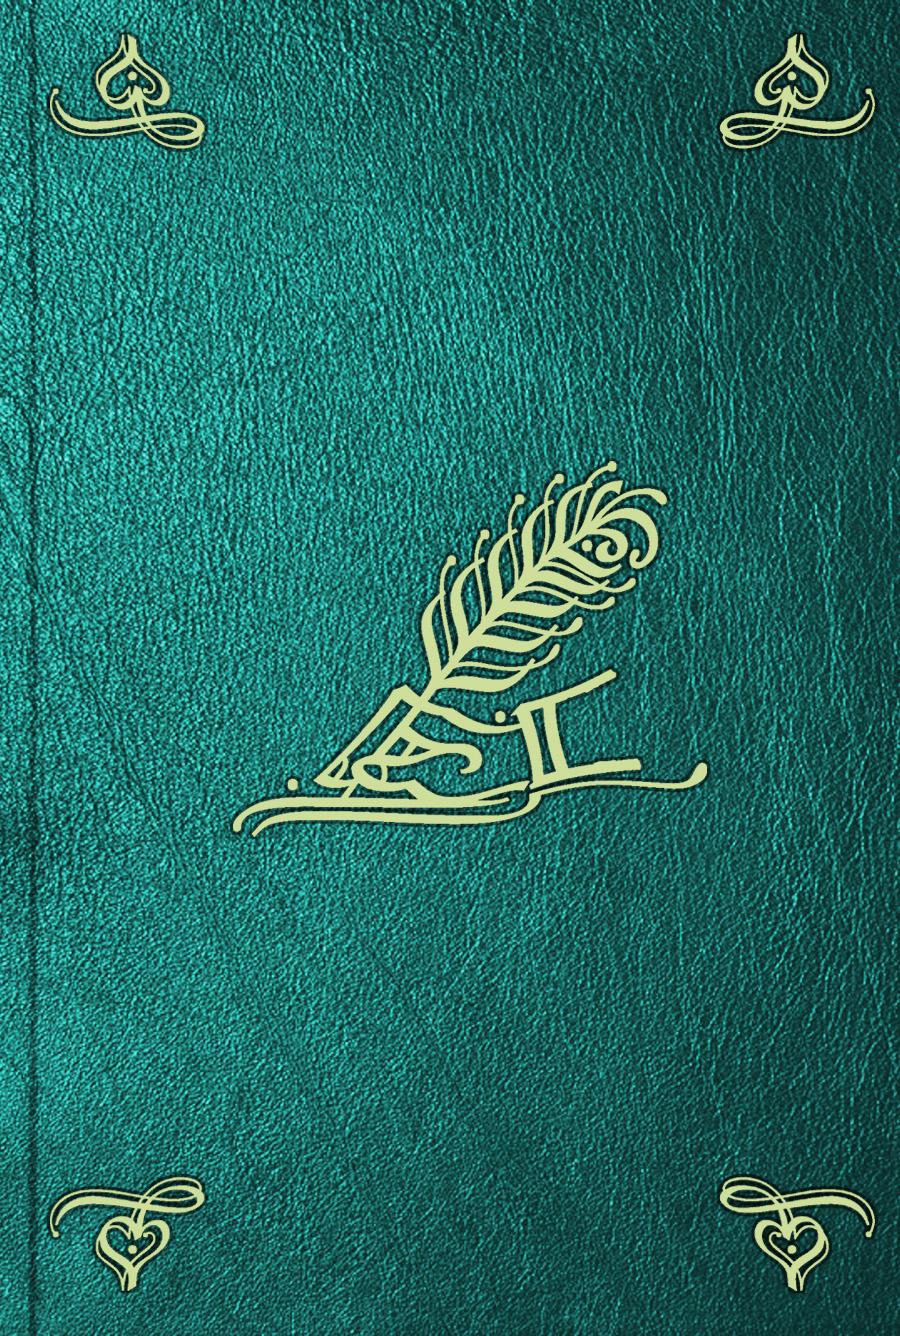 Comte de Buffon Georges Louis Leclerc Histoire naturelle. T. 1. Oiseaux comte de buffon georges louis leclerc histoire naturelle t 6 oiseaux